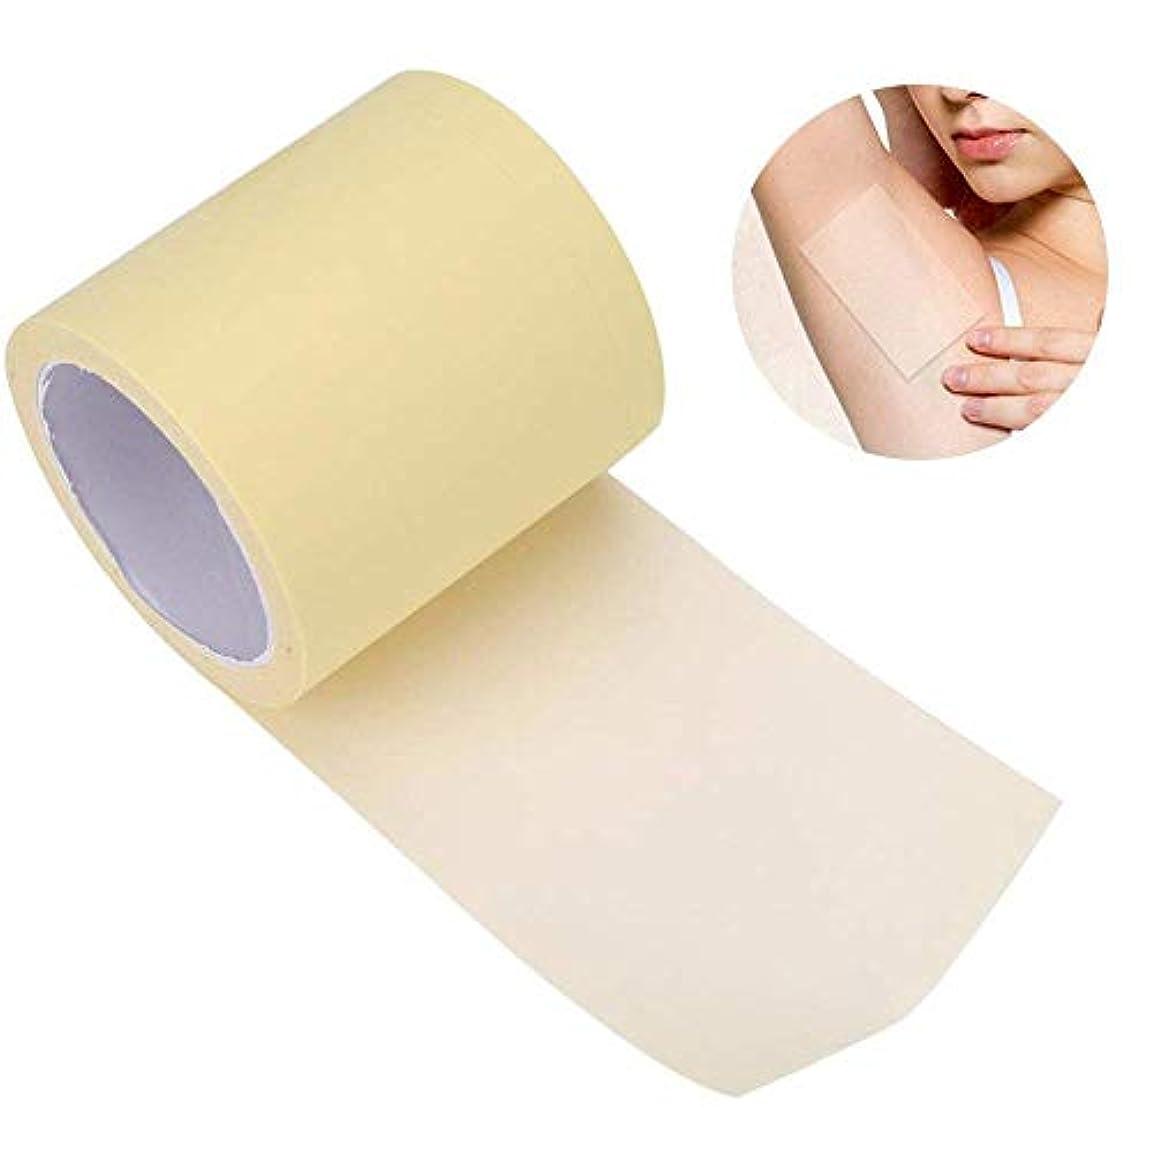 糞最高所属脇の下汗パッド 汗止めパッド 皮膚に優しい 脇の汗染み防止 抗菌加工 皮膚に優しい 男性/女性対応 透明 全長6m 脇の下